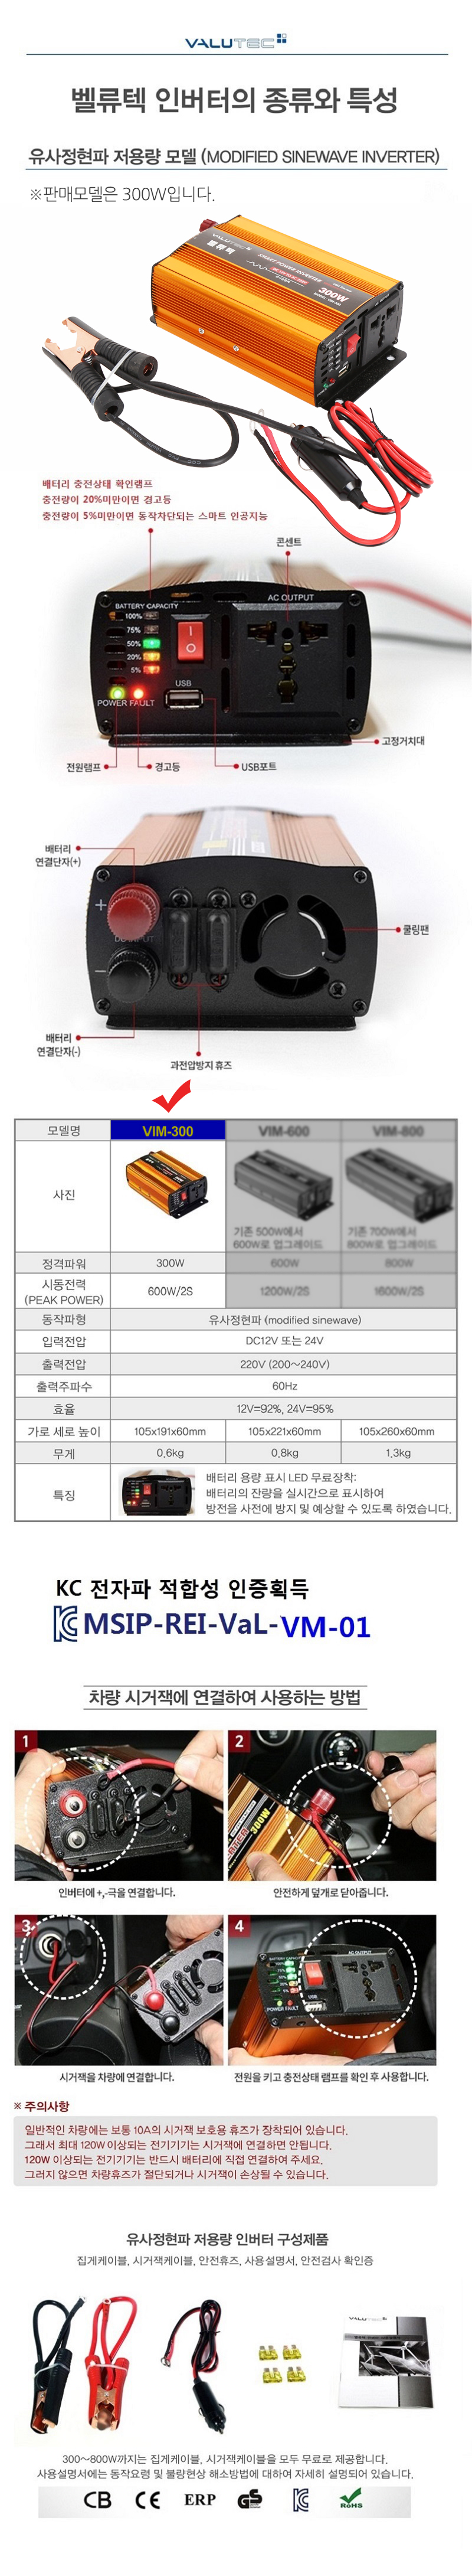 벨류텍 DC12V 고효율 인버터 300W (유사정현파)220V 효율95%이상 파워뱅크 인버터 캠핑장비 차량장비 파워뱅크튜닝용품